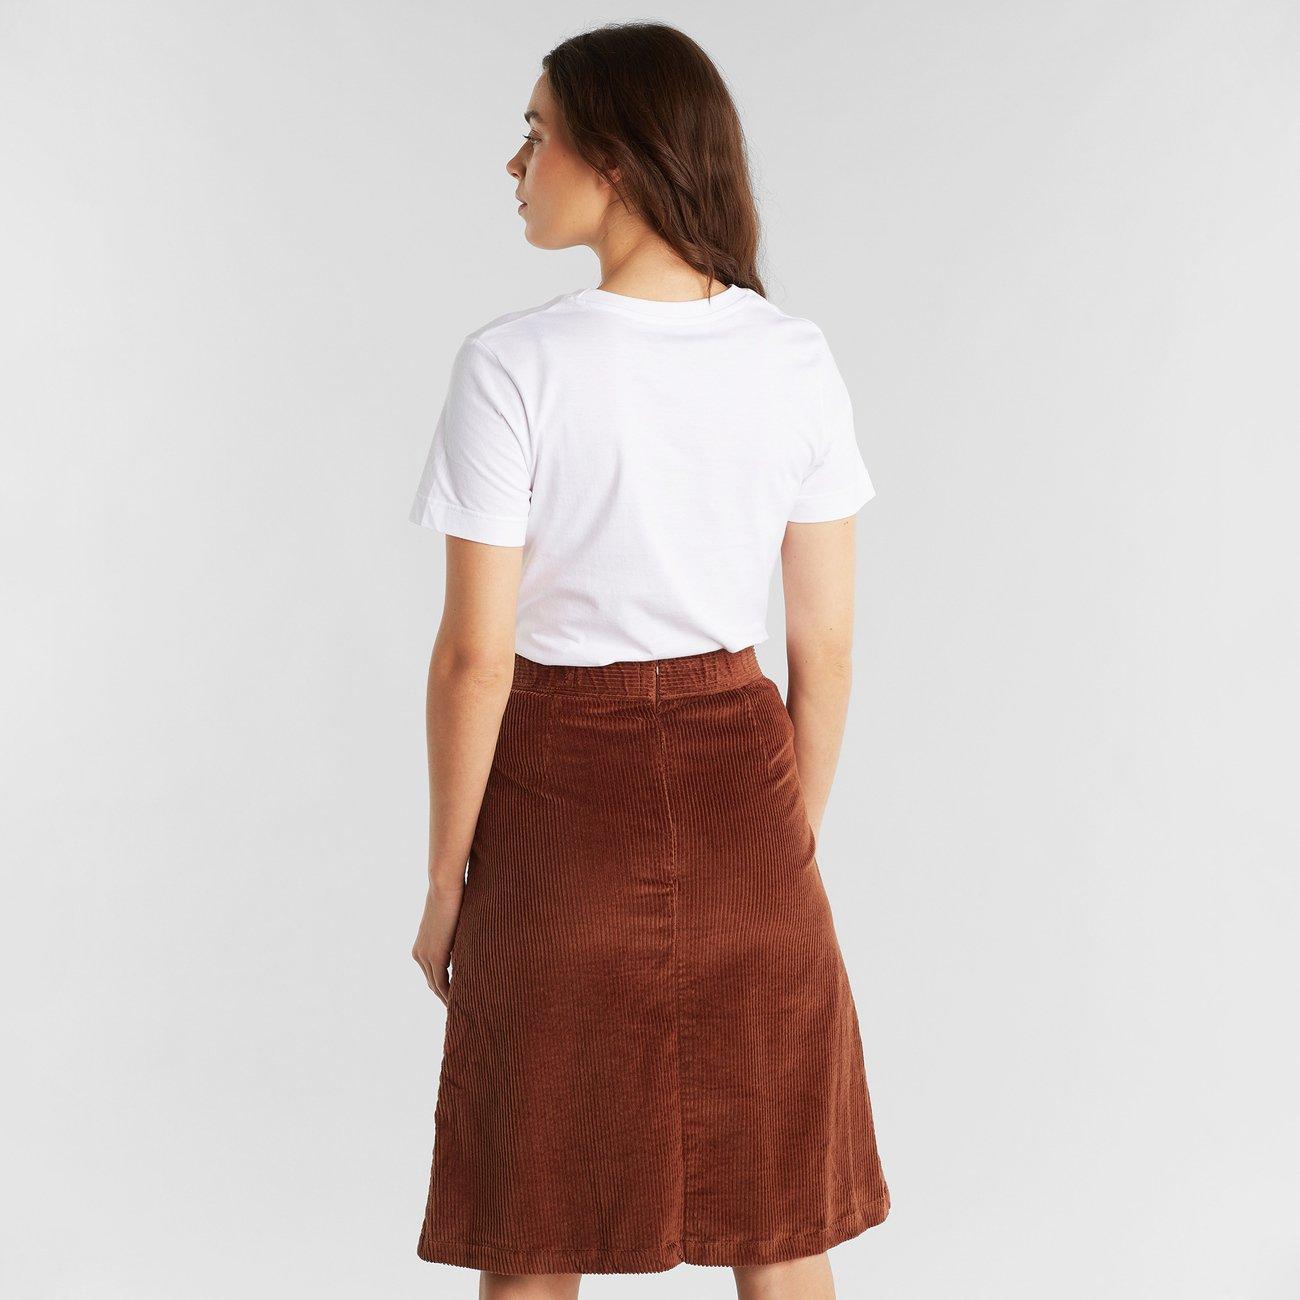 Skirt Haga Corduroy Brown